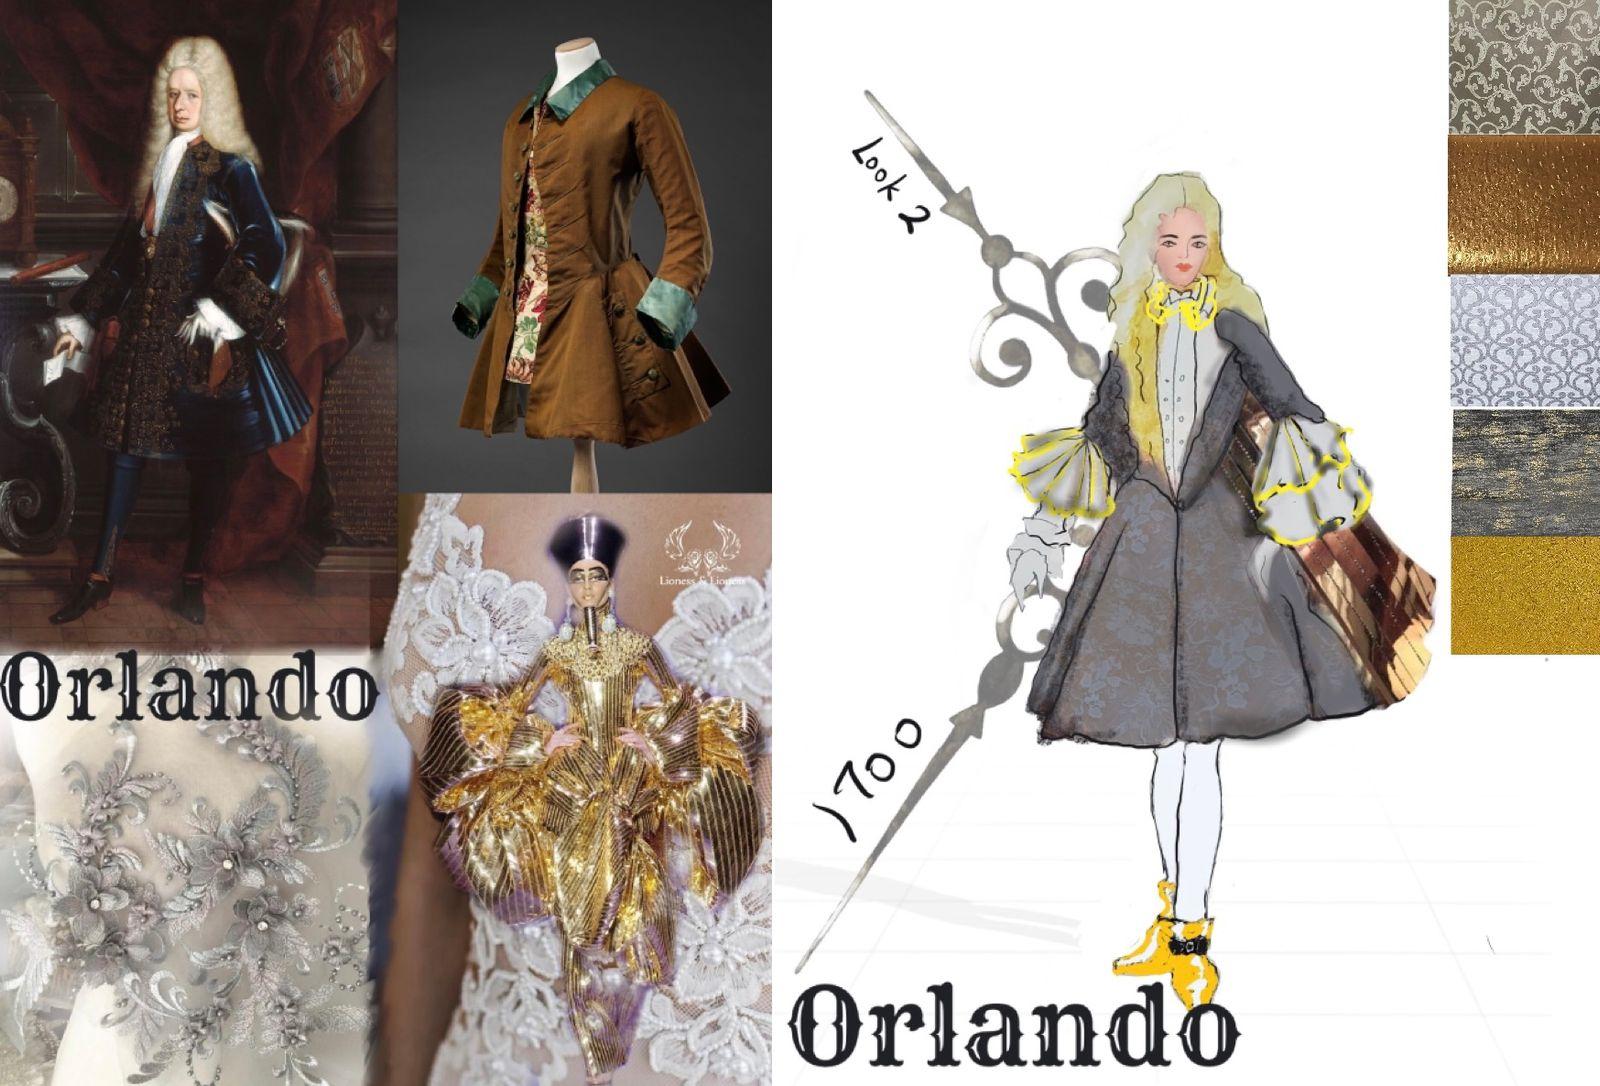 Costume Design Rendering